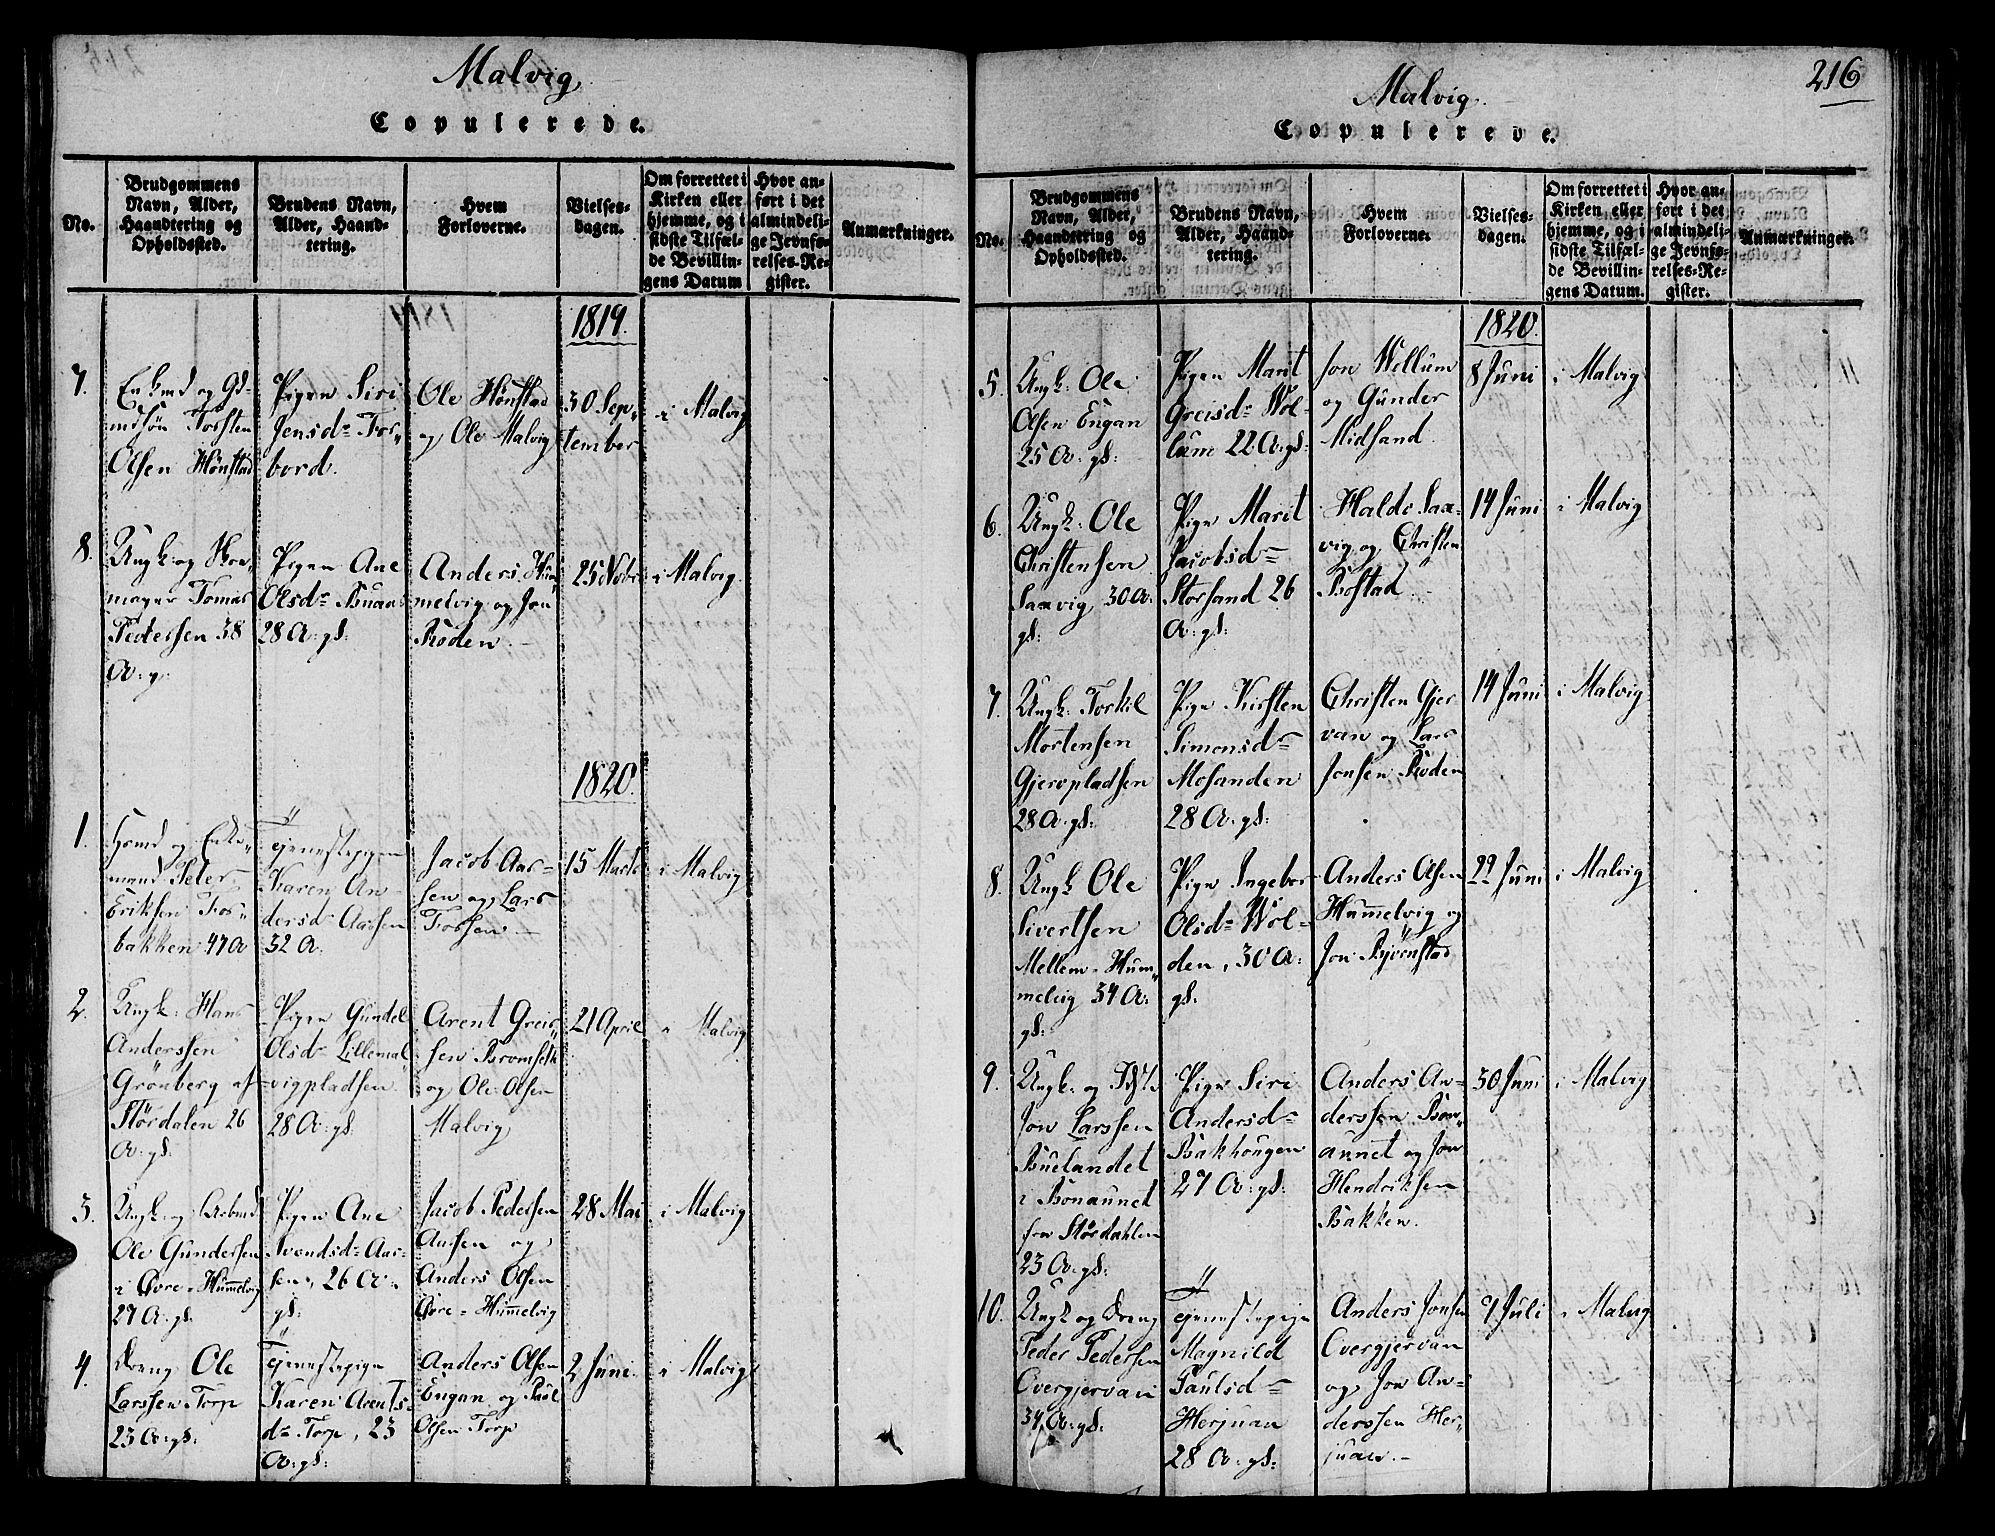 SAT, Ministerialprotokoller, klokkerbøker og fødselsregistre - Sør-Trøndelag, 606/L0284: Ministerialbok nr. 606A03 /2, 1819-1823, s. 216